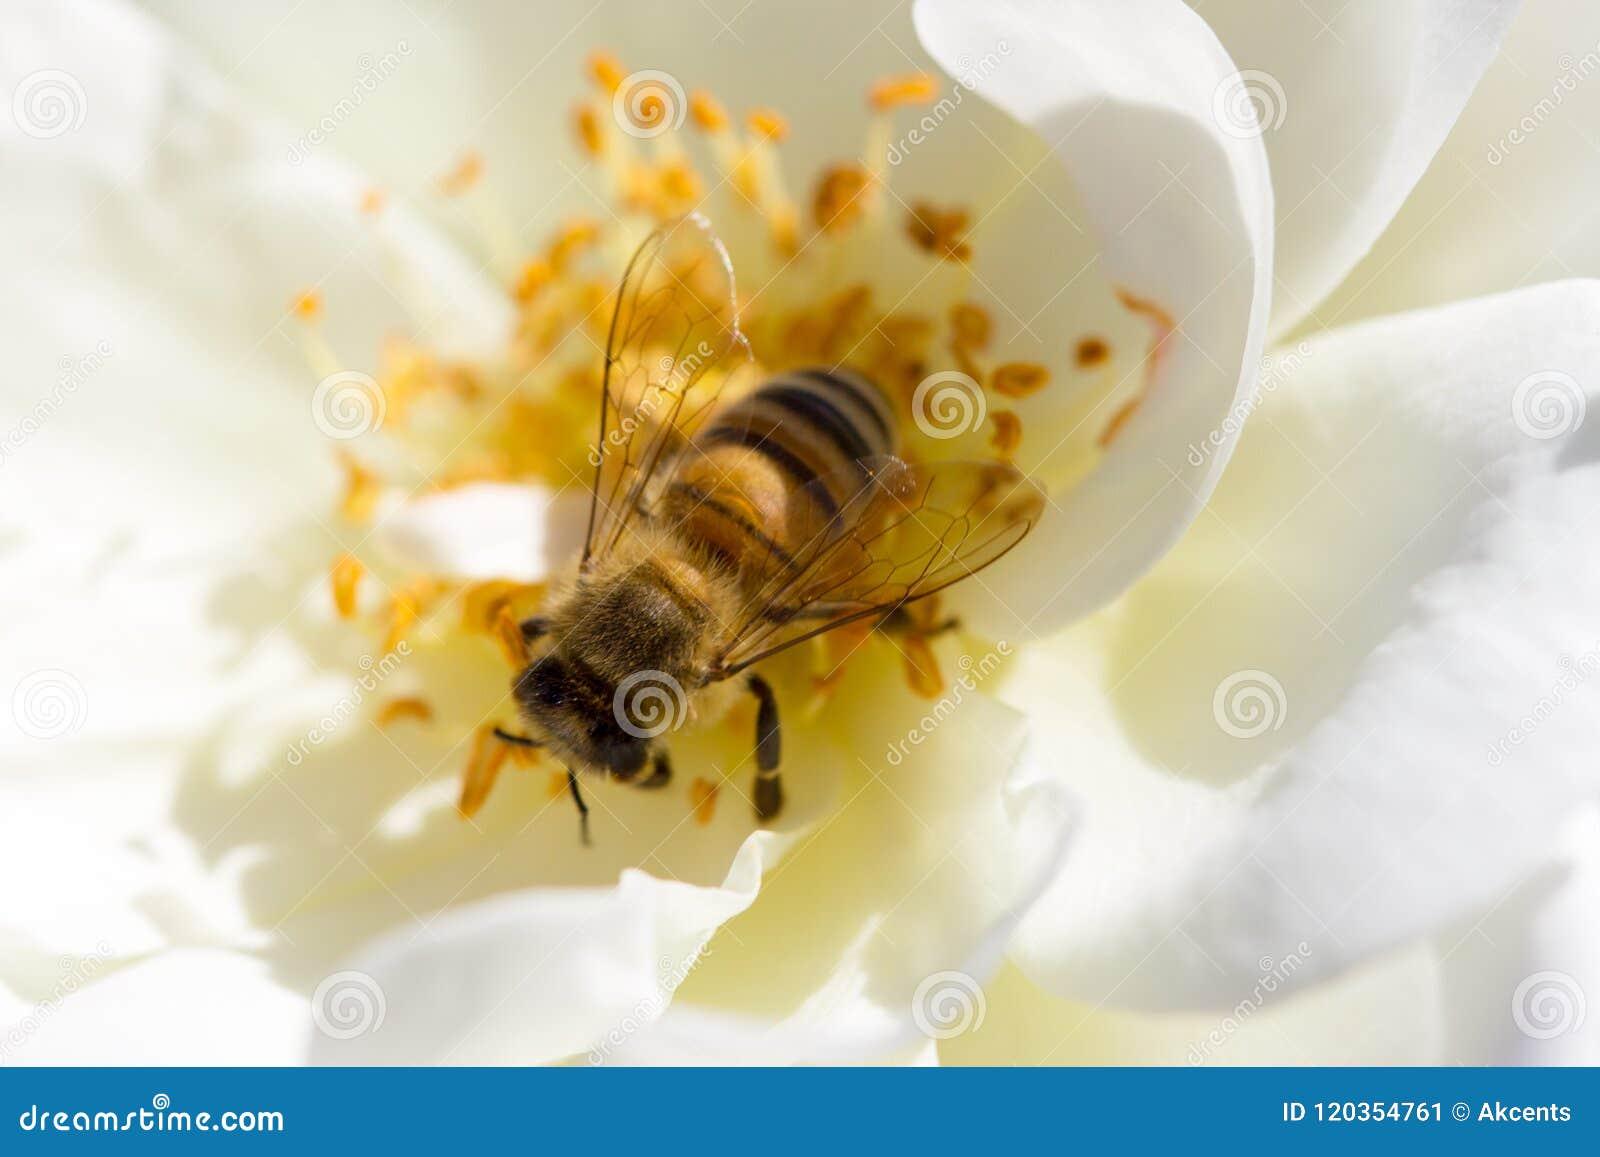 De bij die onderaan het centrum van een wit kijken nam seaching voor nectar toe